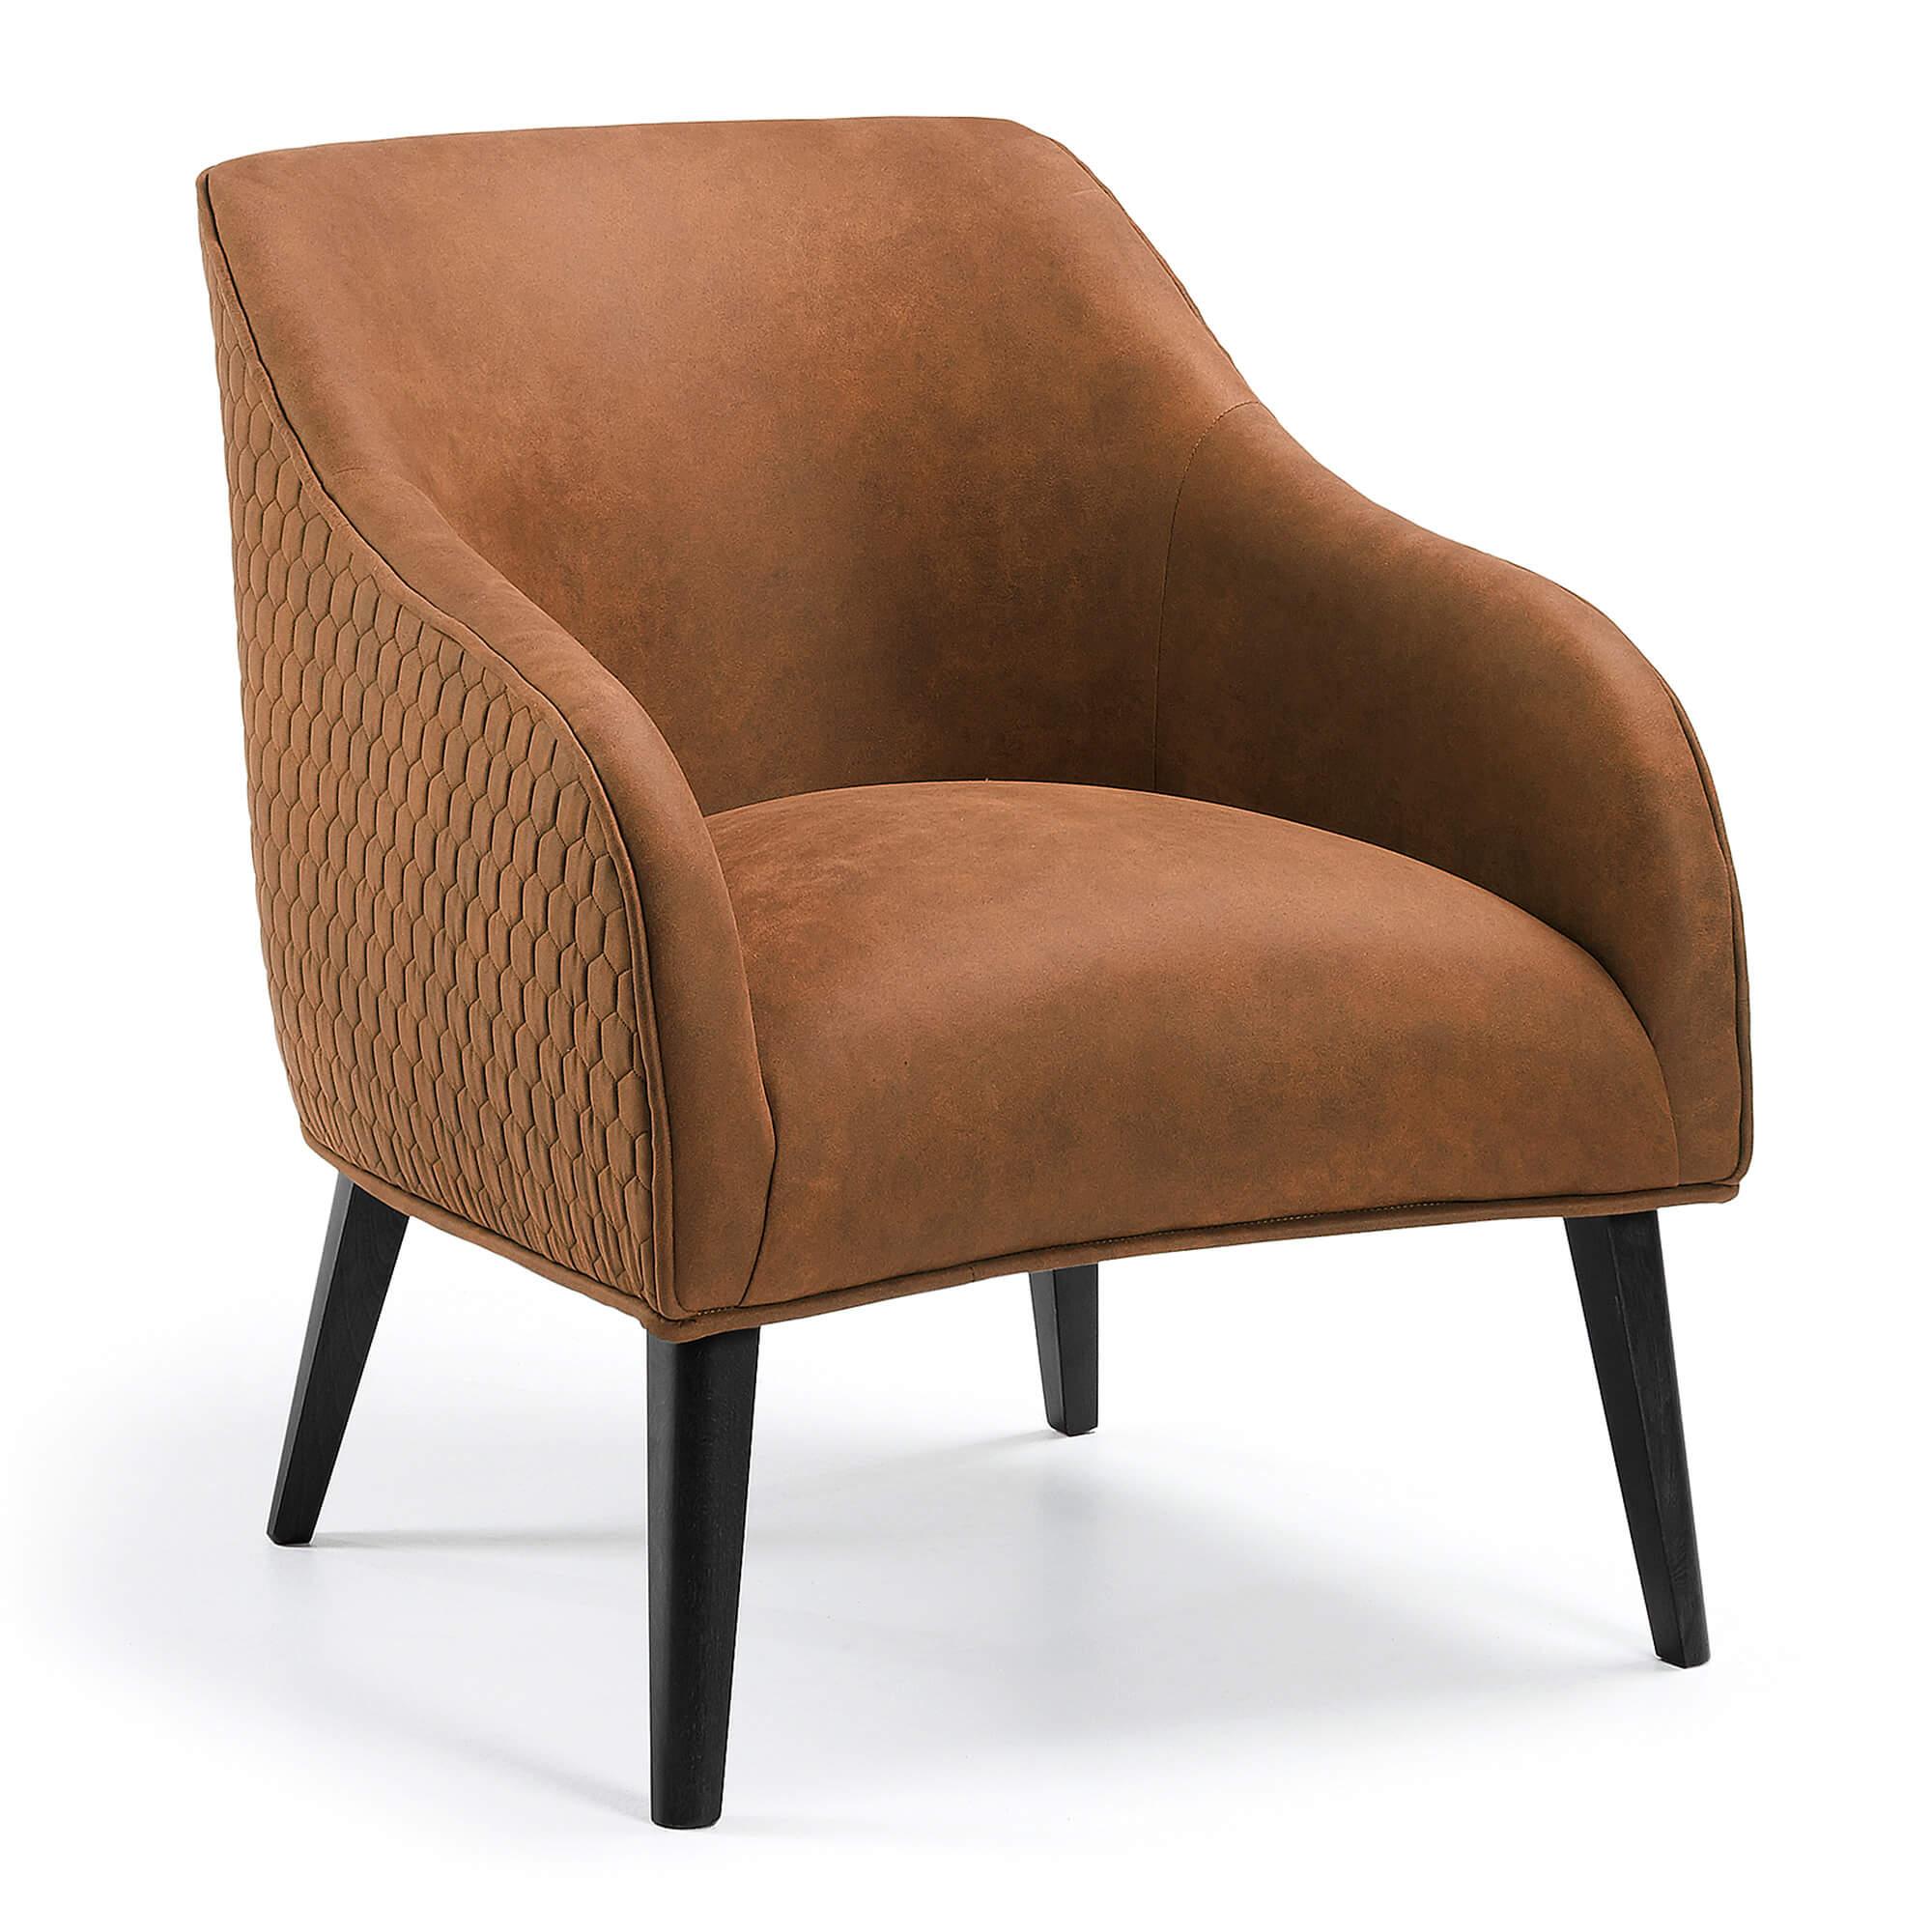 laforma Laforma lobby lænestol - rustbrunt stof og sort bøgetræ, m. armlæn på boboonline.dk